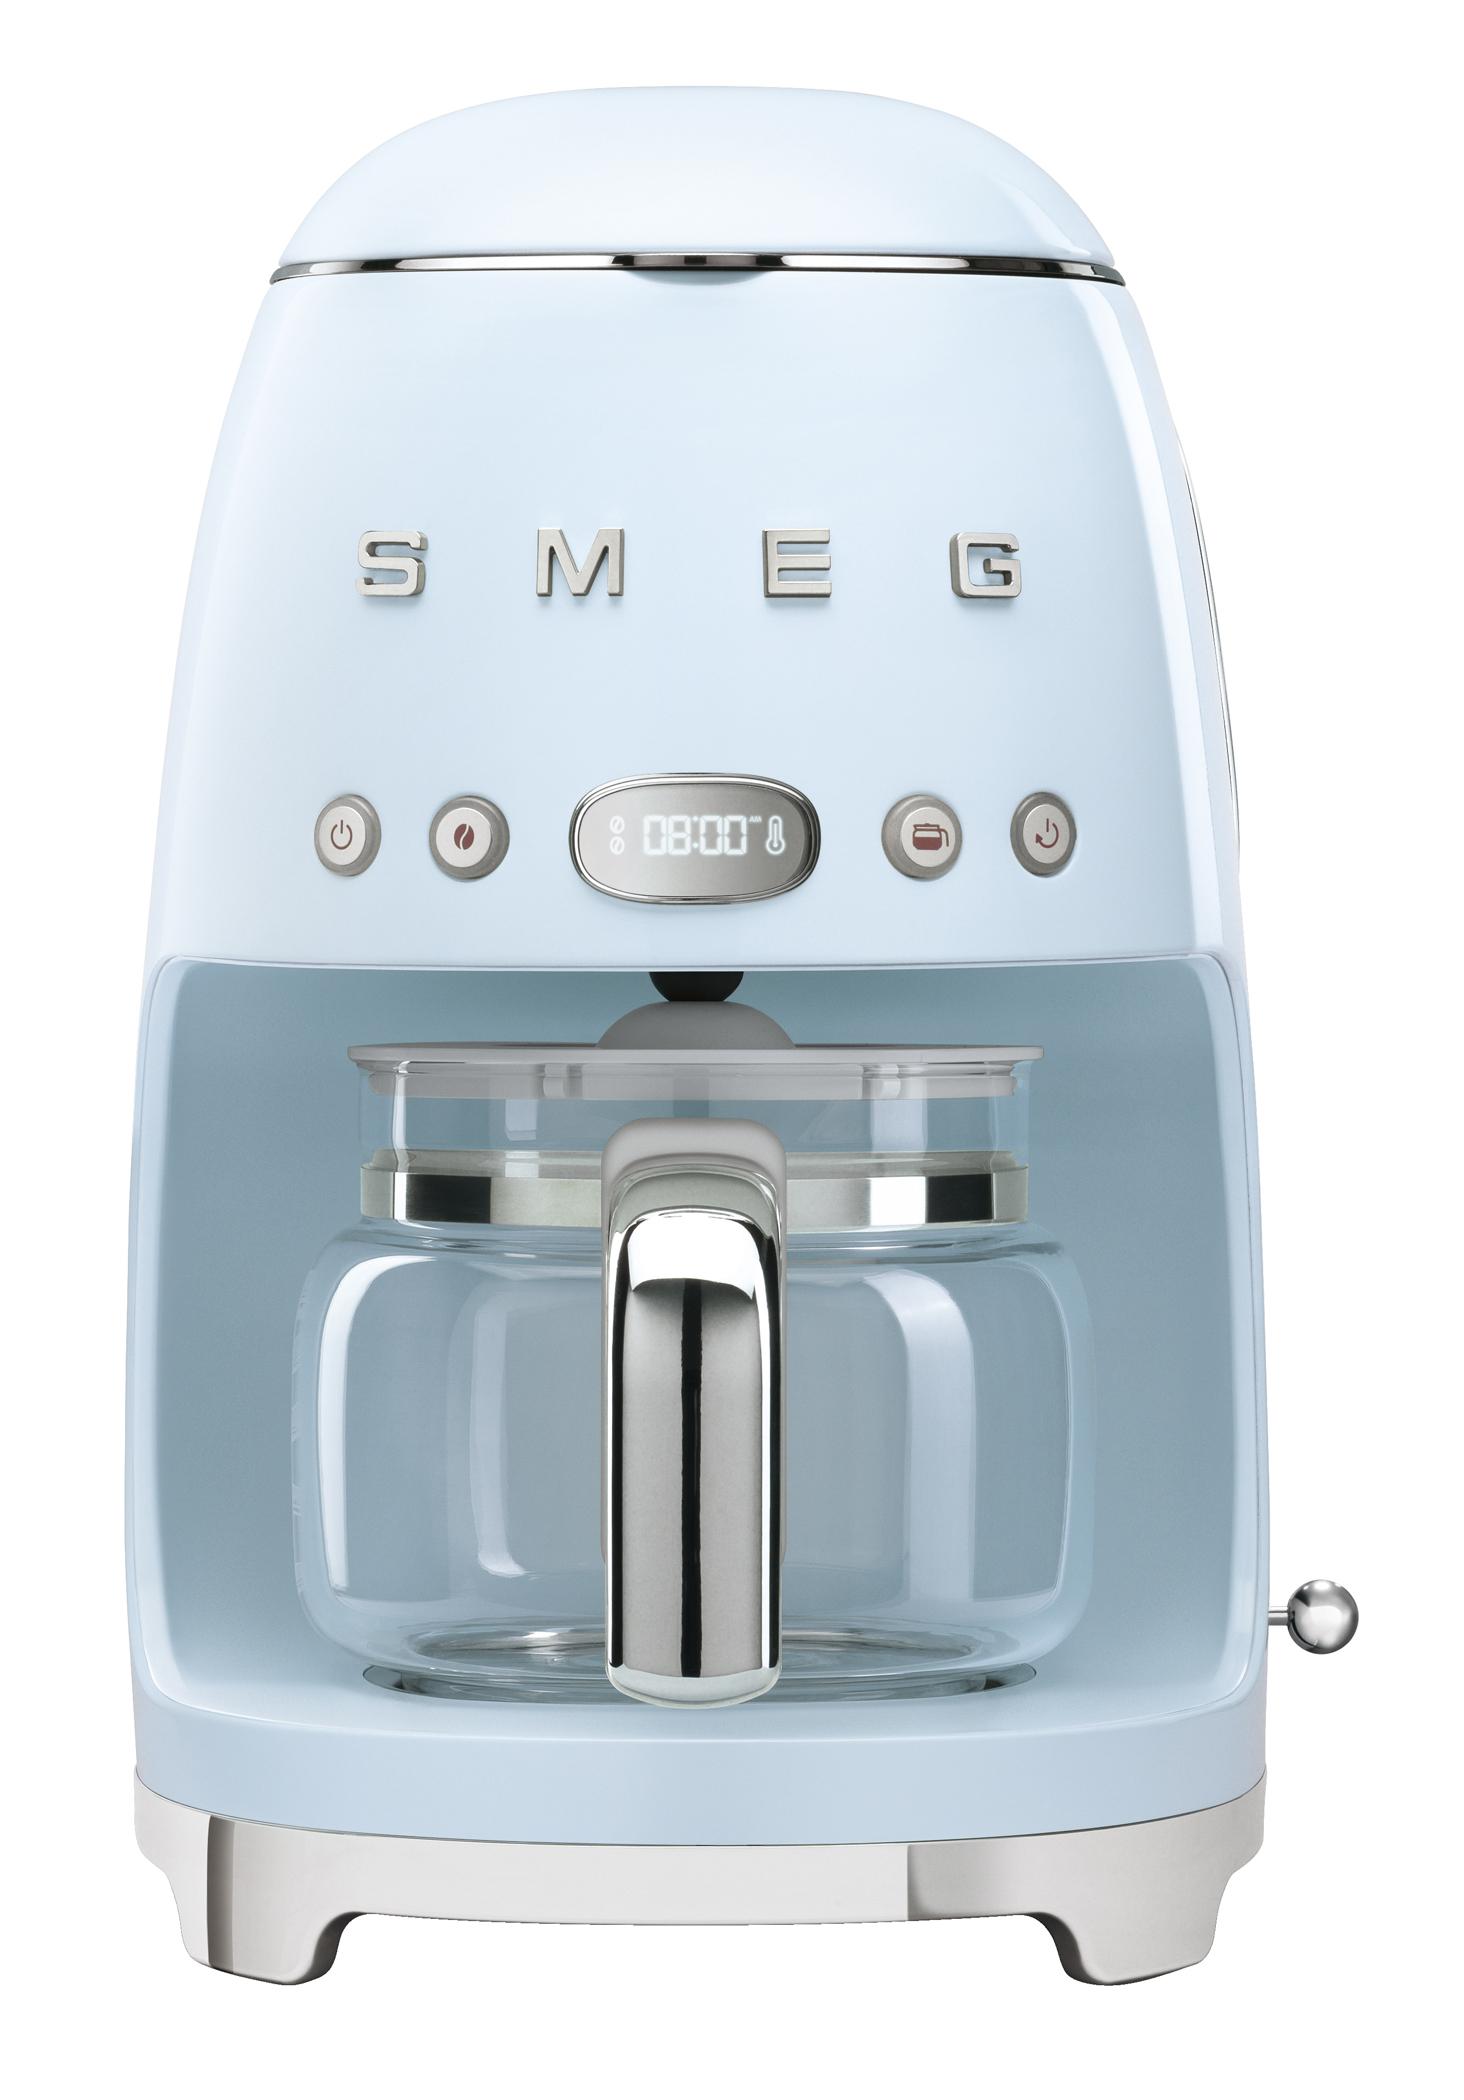 <h1>Smeg Filterkaffeemaschine DCF02</h1><h3 style='font-size: 20px; margin: 0px 0px 15px 0px;'> -Metallgehäuse, Dauerfilter, Stil der 50er Jahre</h3>